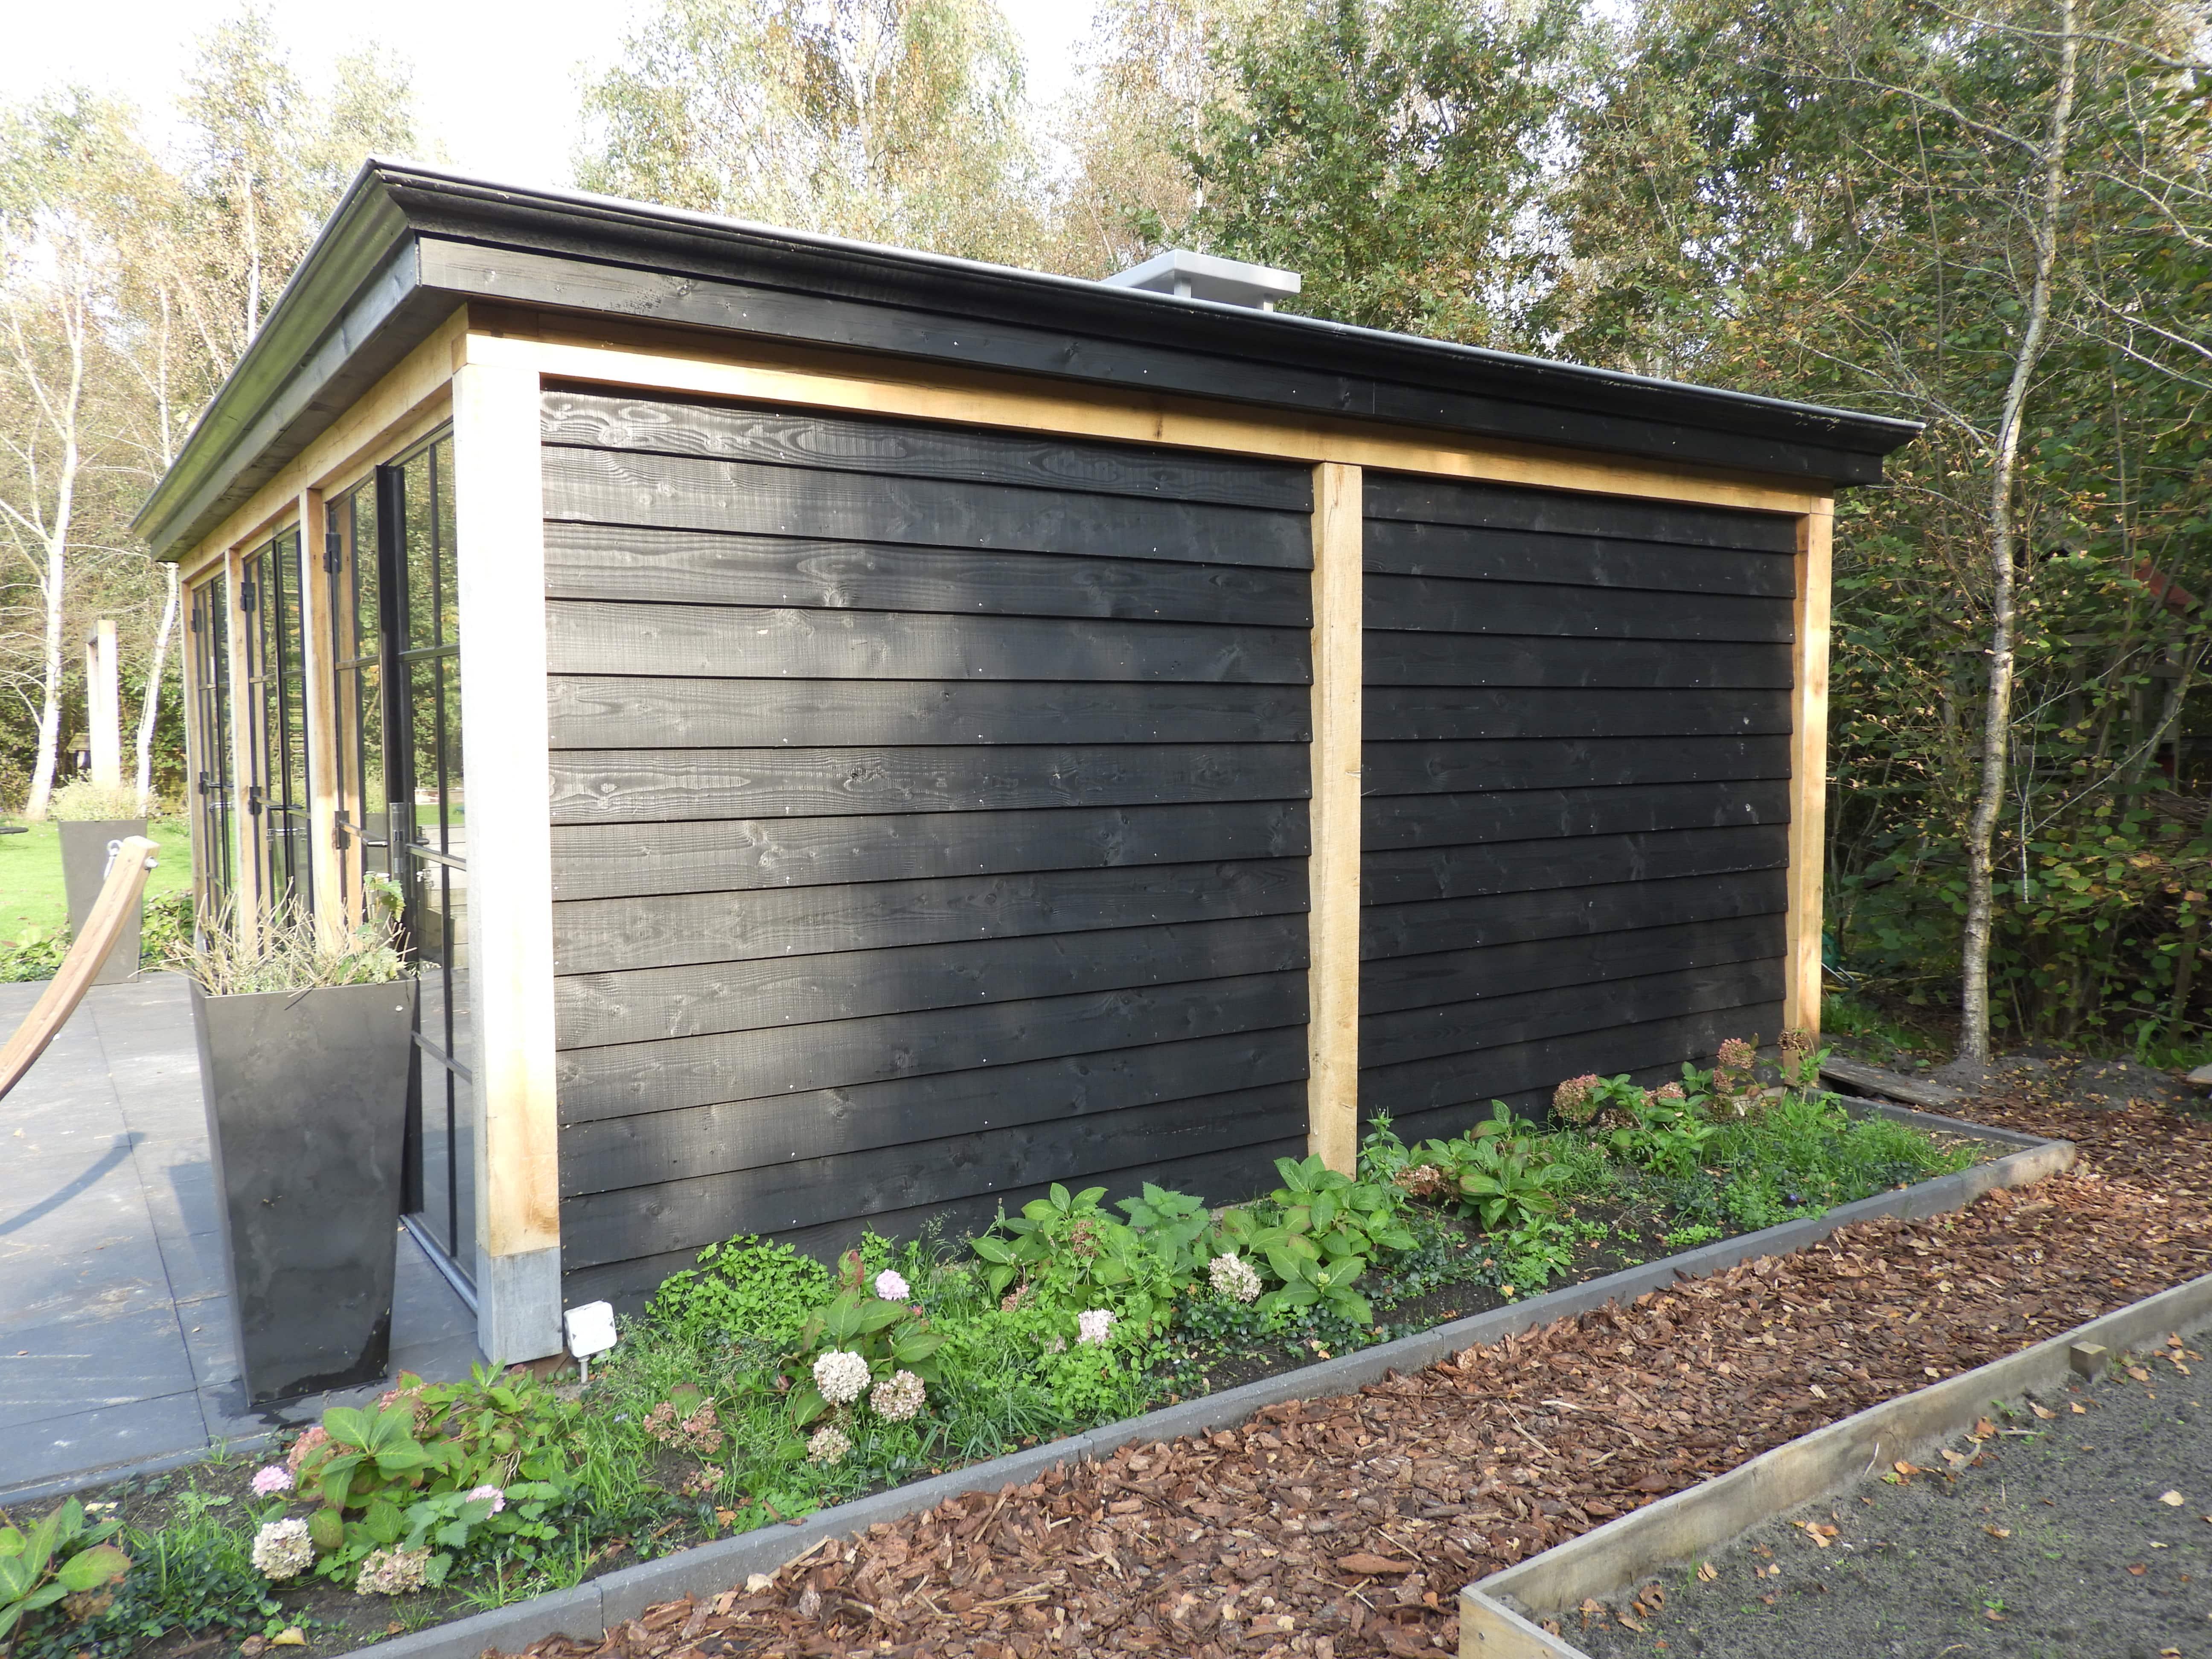 houten-tuinkamer-2 - Project Zwolle: Houten tuinkamer